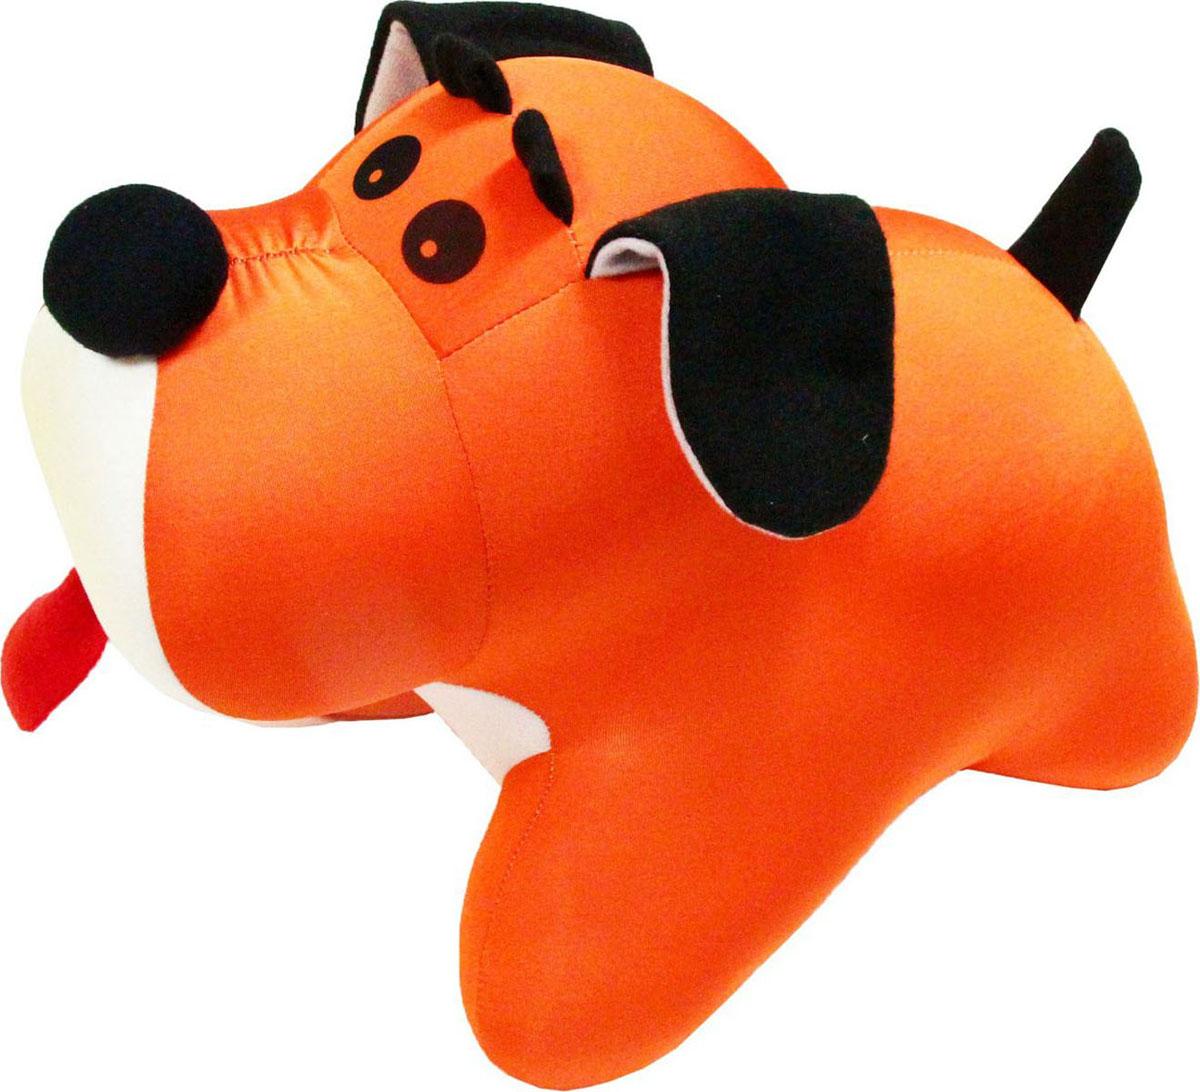 Подушка-игрушка антистрессовая Штучки, к которым тянутся ручки Пес Барбос, цвет: оранжевый, 33 см